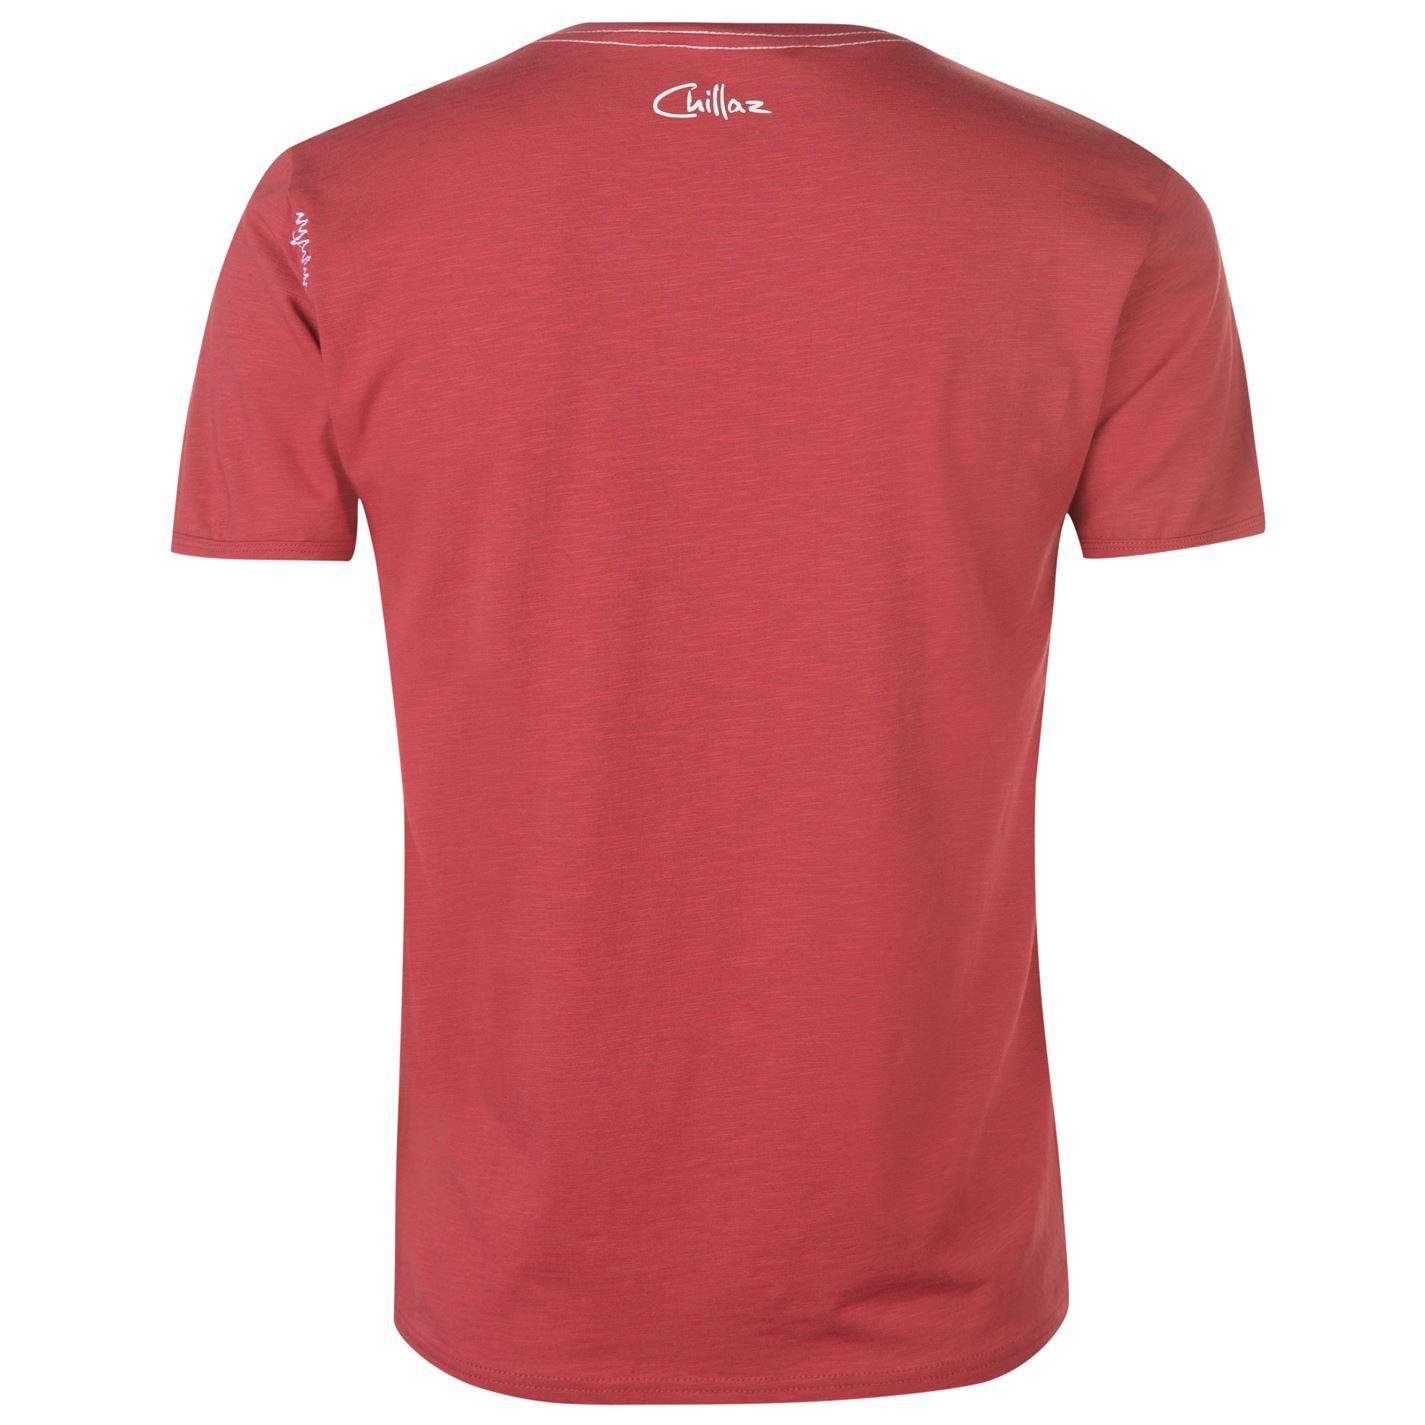 Korte T Rood Heren mouw Stempel Chillaz Ronde Top Heren shirt hals Performance Map Tee 5nORxX